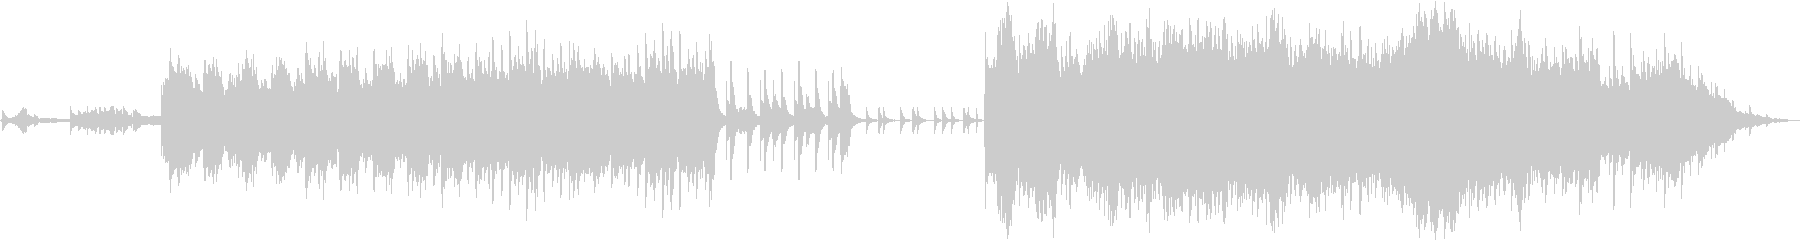 癒し風のピアノ・オーケストラBGMの未再生の波形